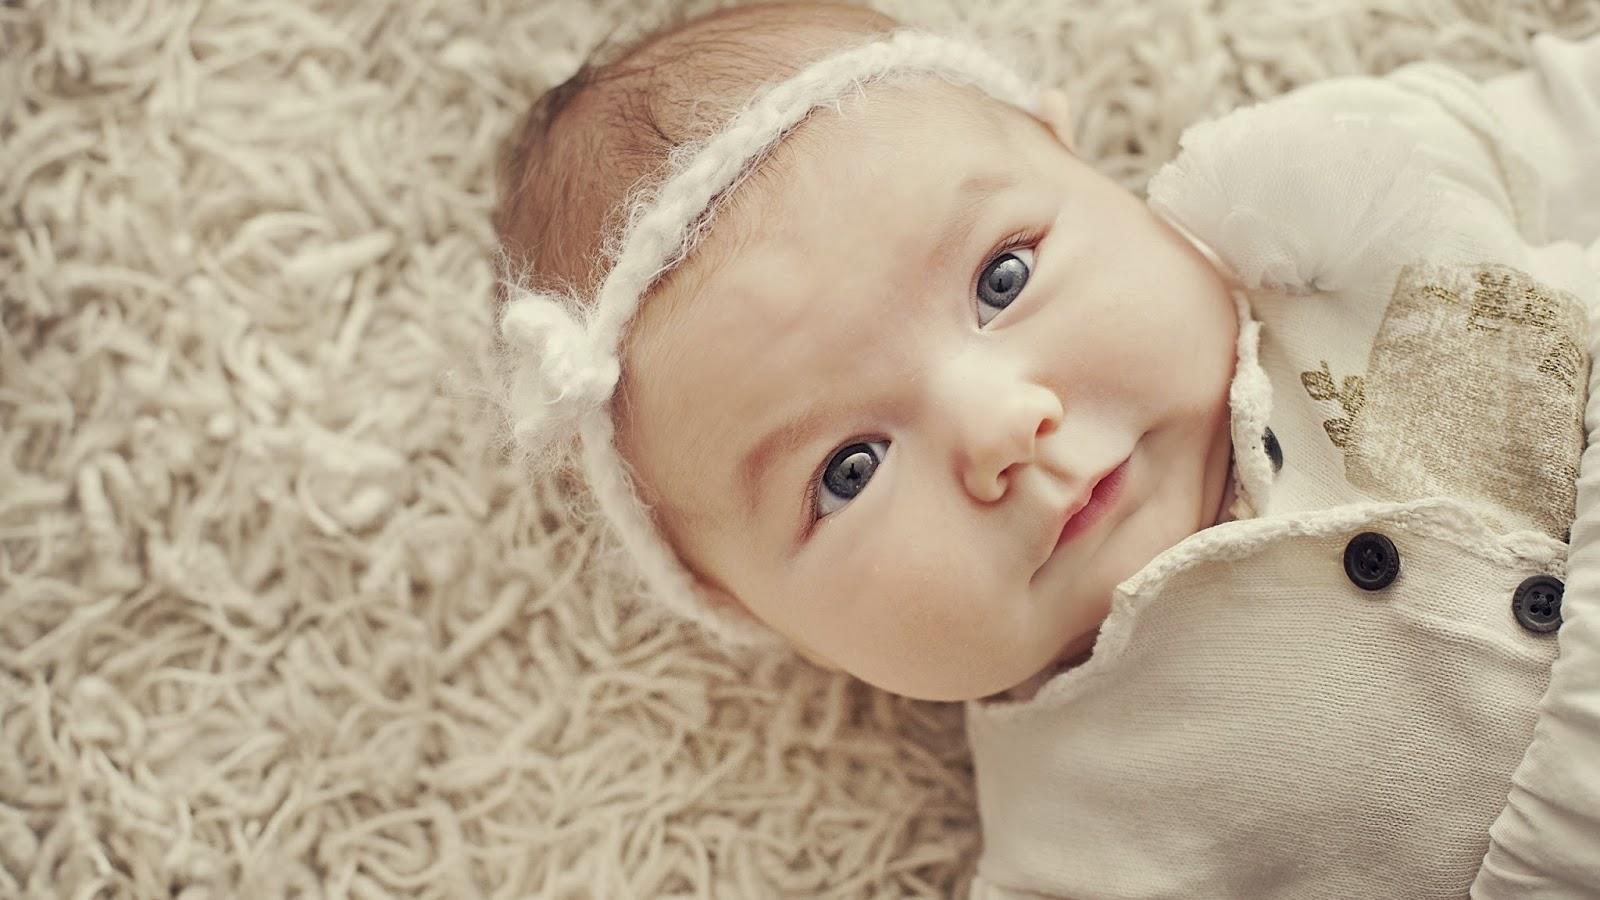 بالصور اجمل اطفال صغار , صور جميلة للاطفال 5681 6